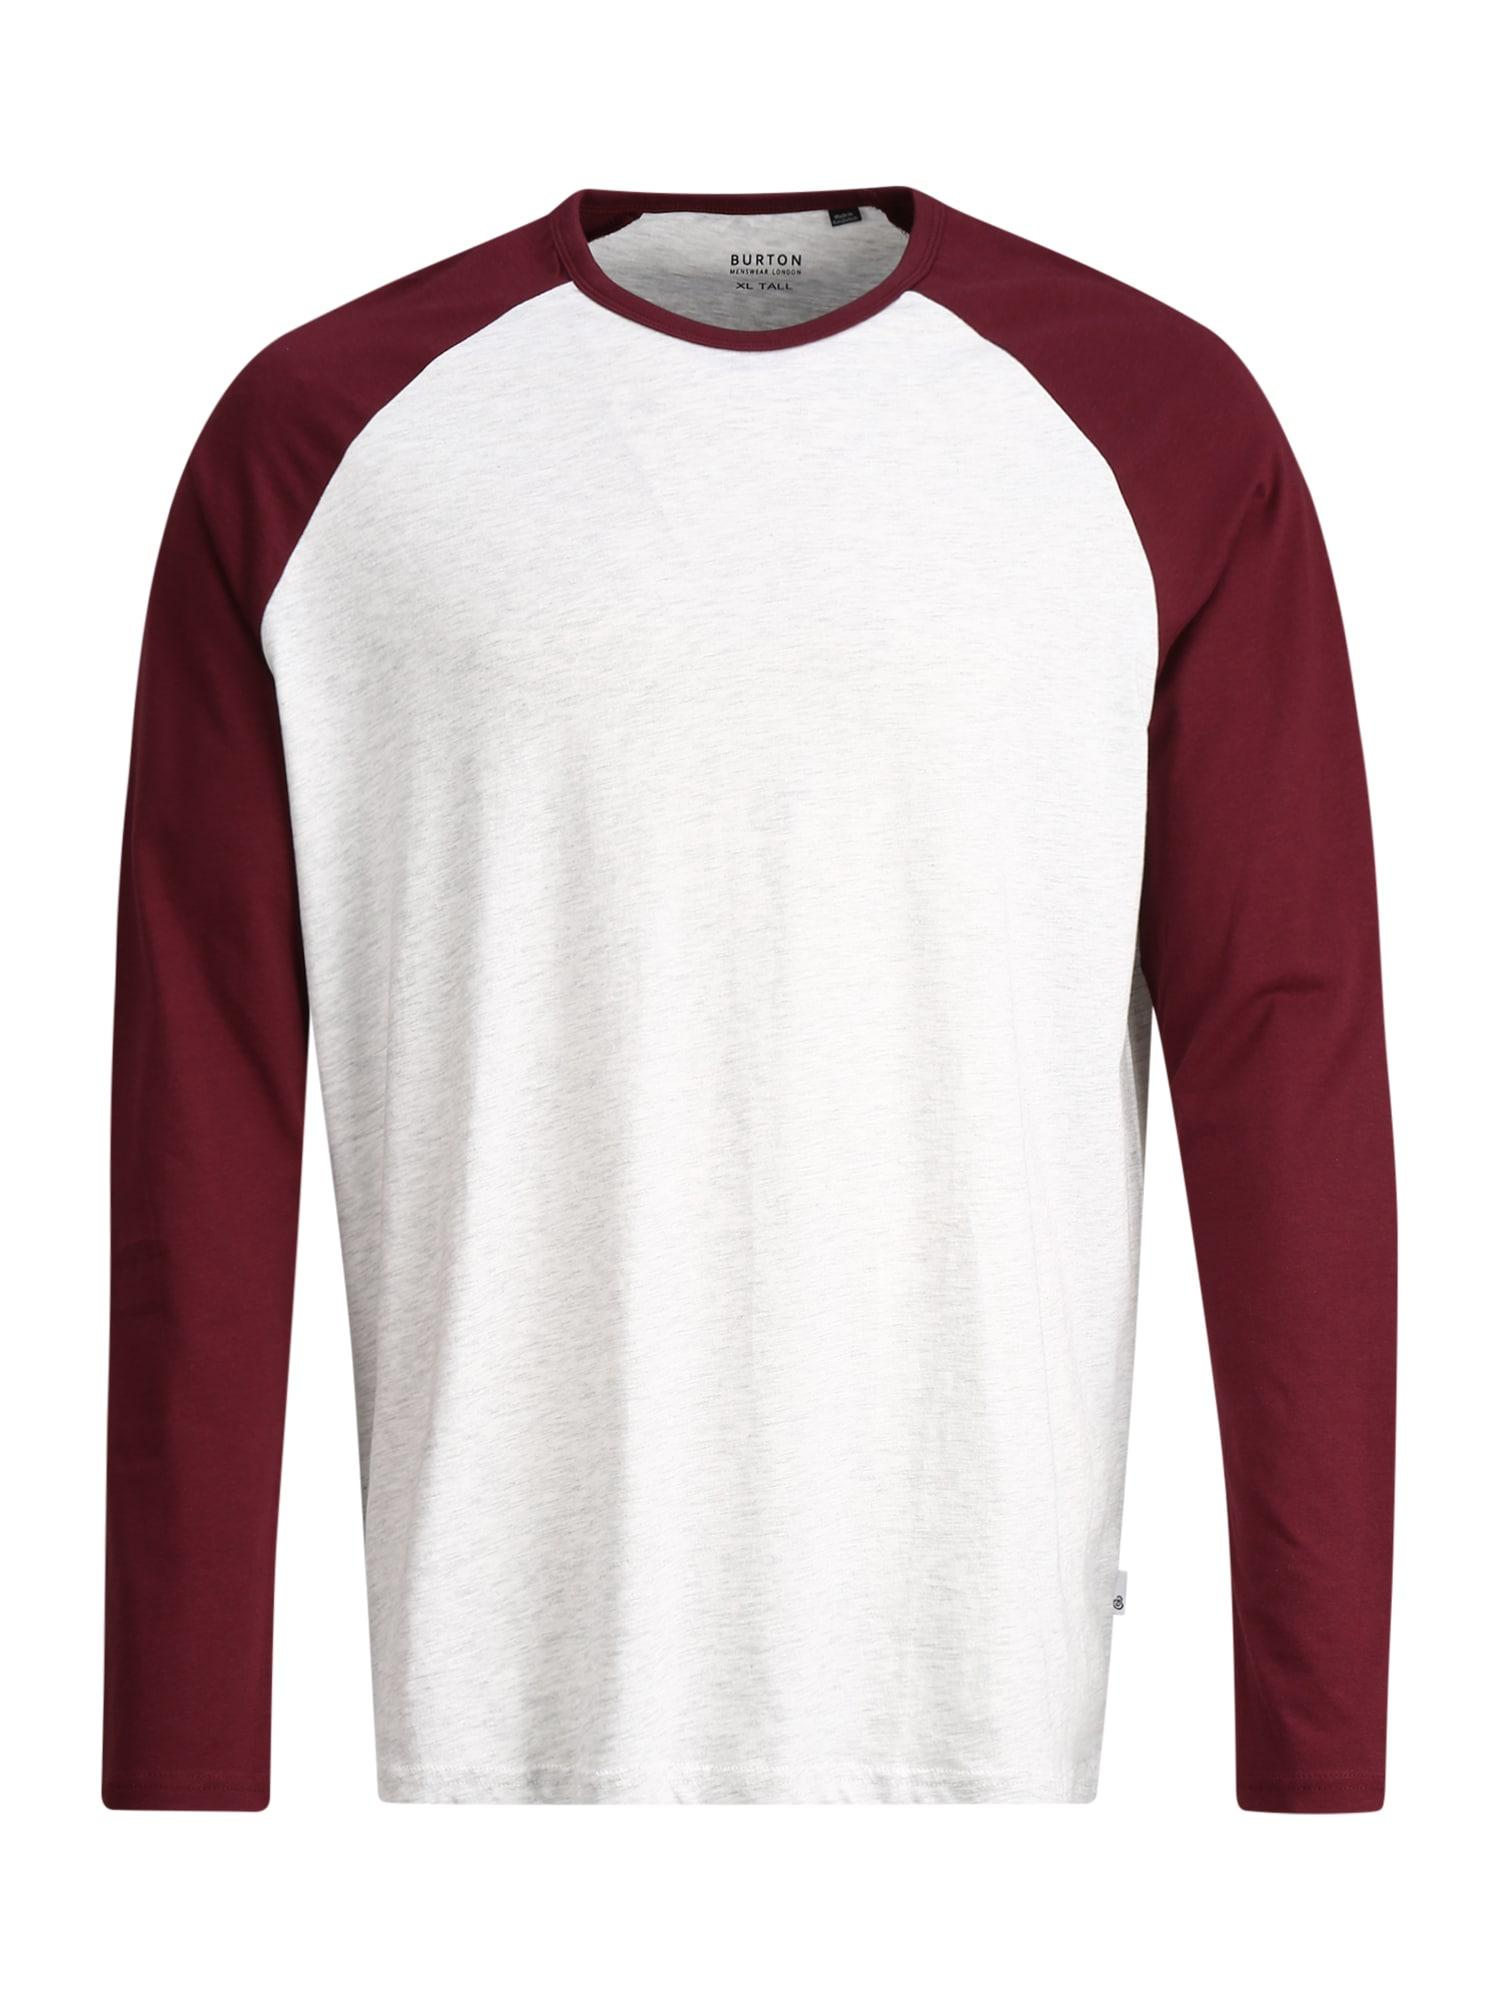 BURTON MENSWEAR LONDON (Big & Tall) Marškinėliai margai pilka / burgundiško vyno spalva / šviesiai pilka